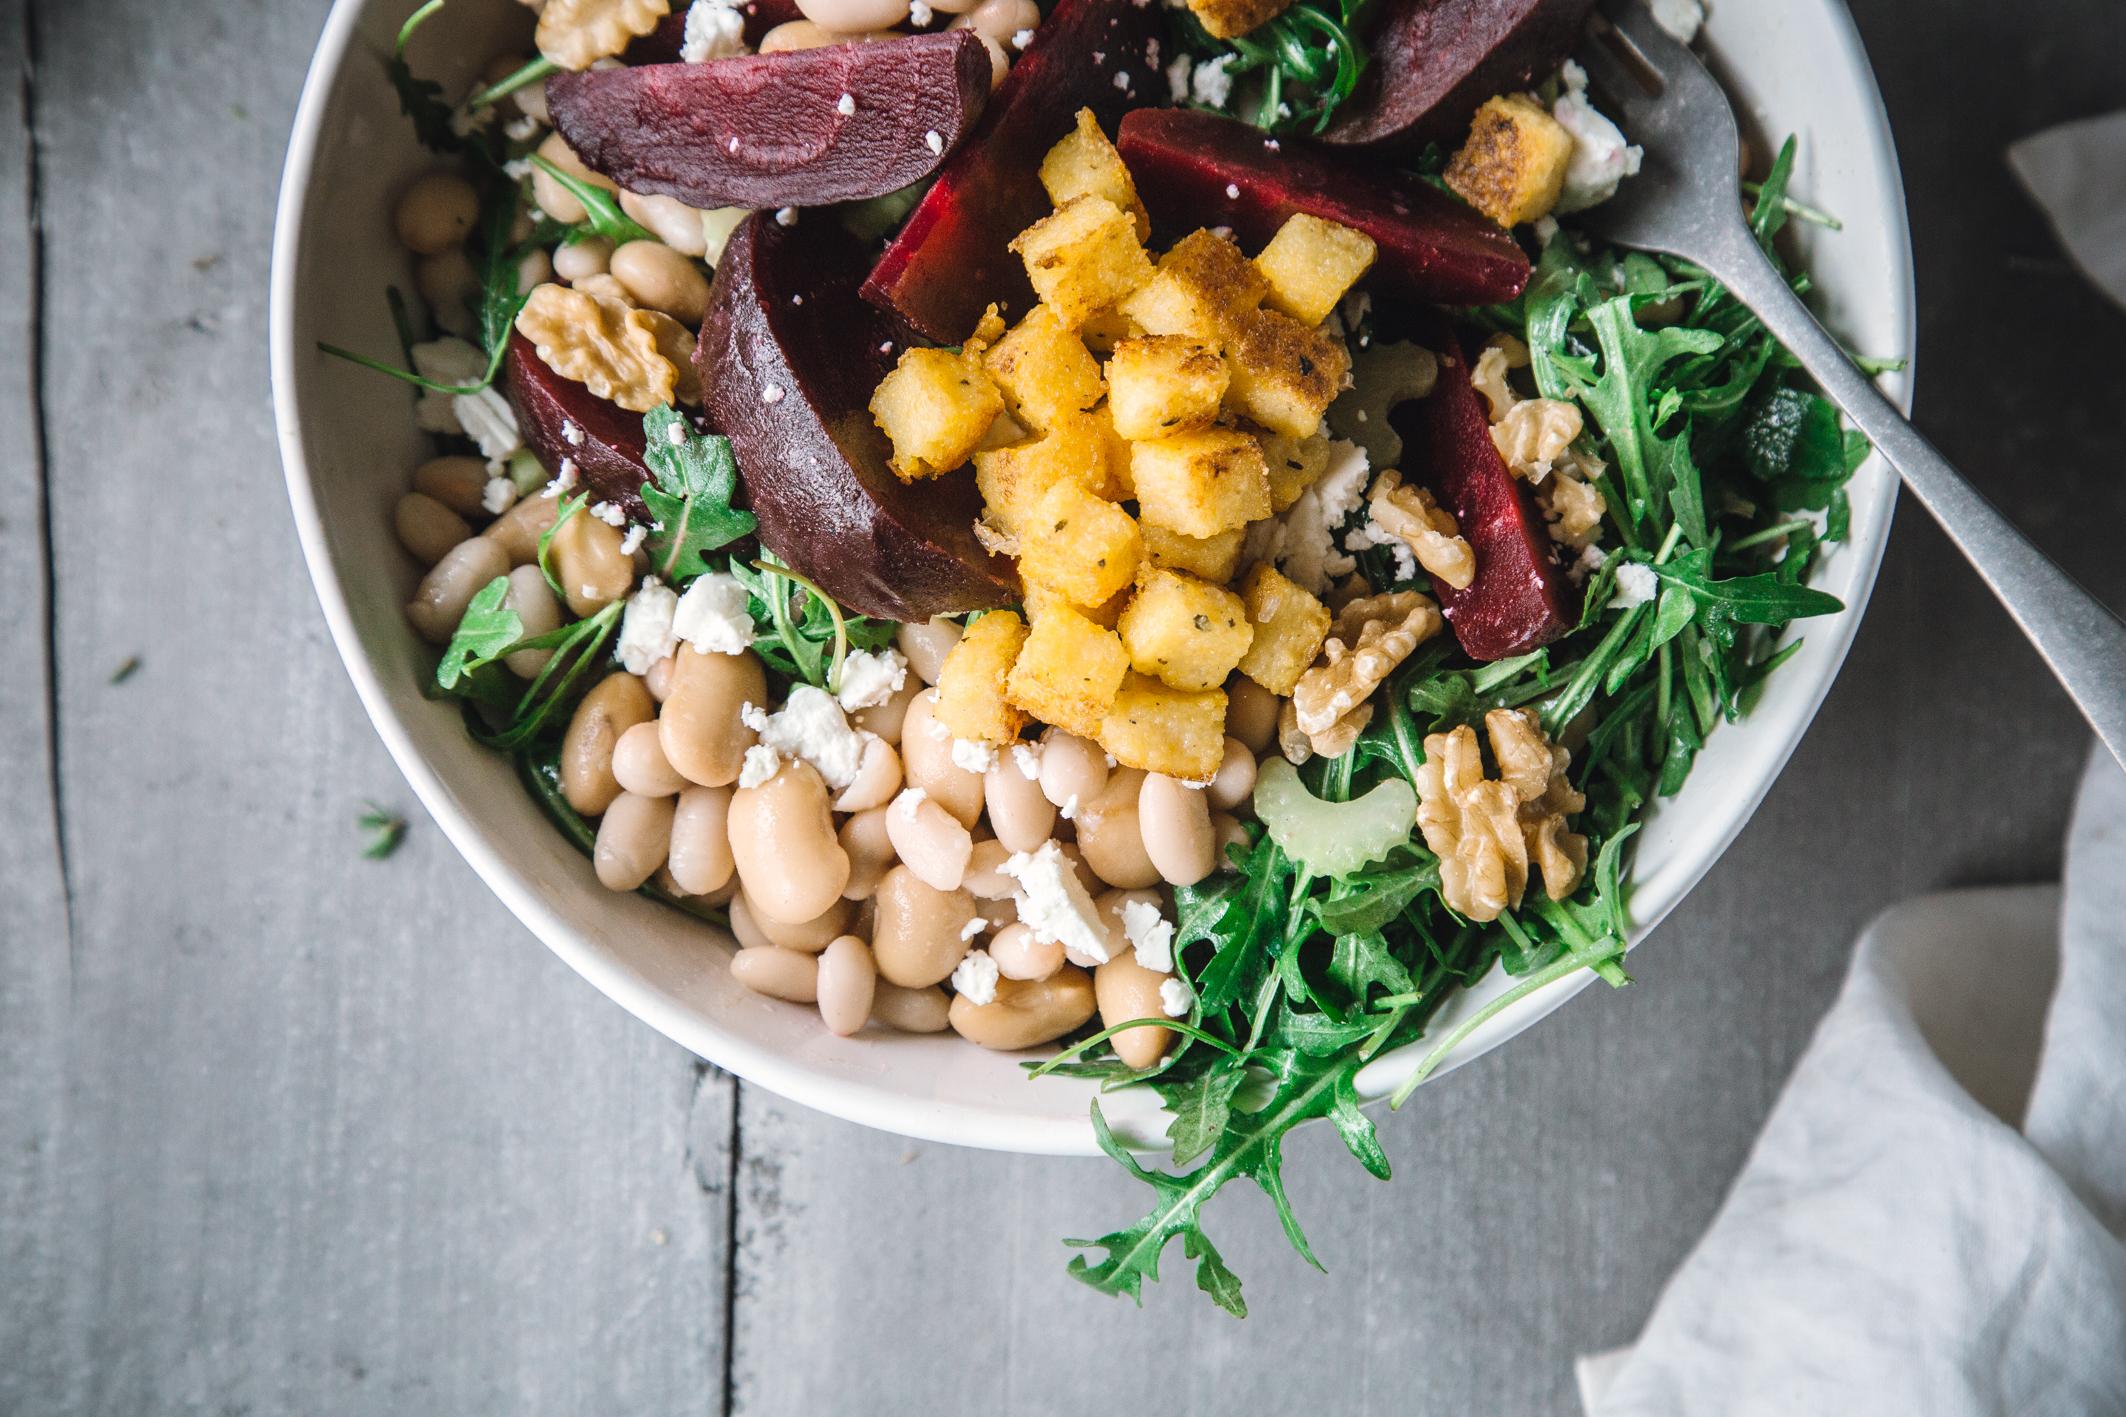 Rote Bete Salat mit weißen Bohnen und Polenta-Croutons